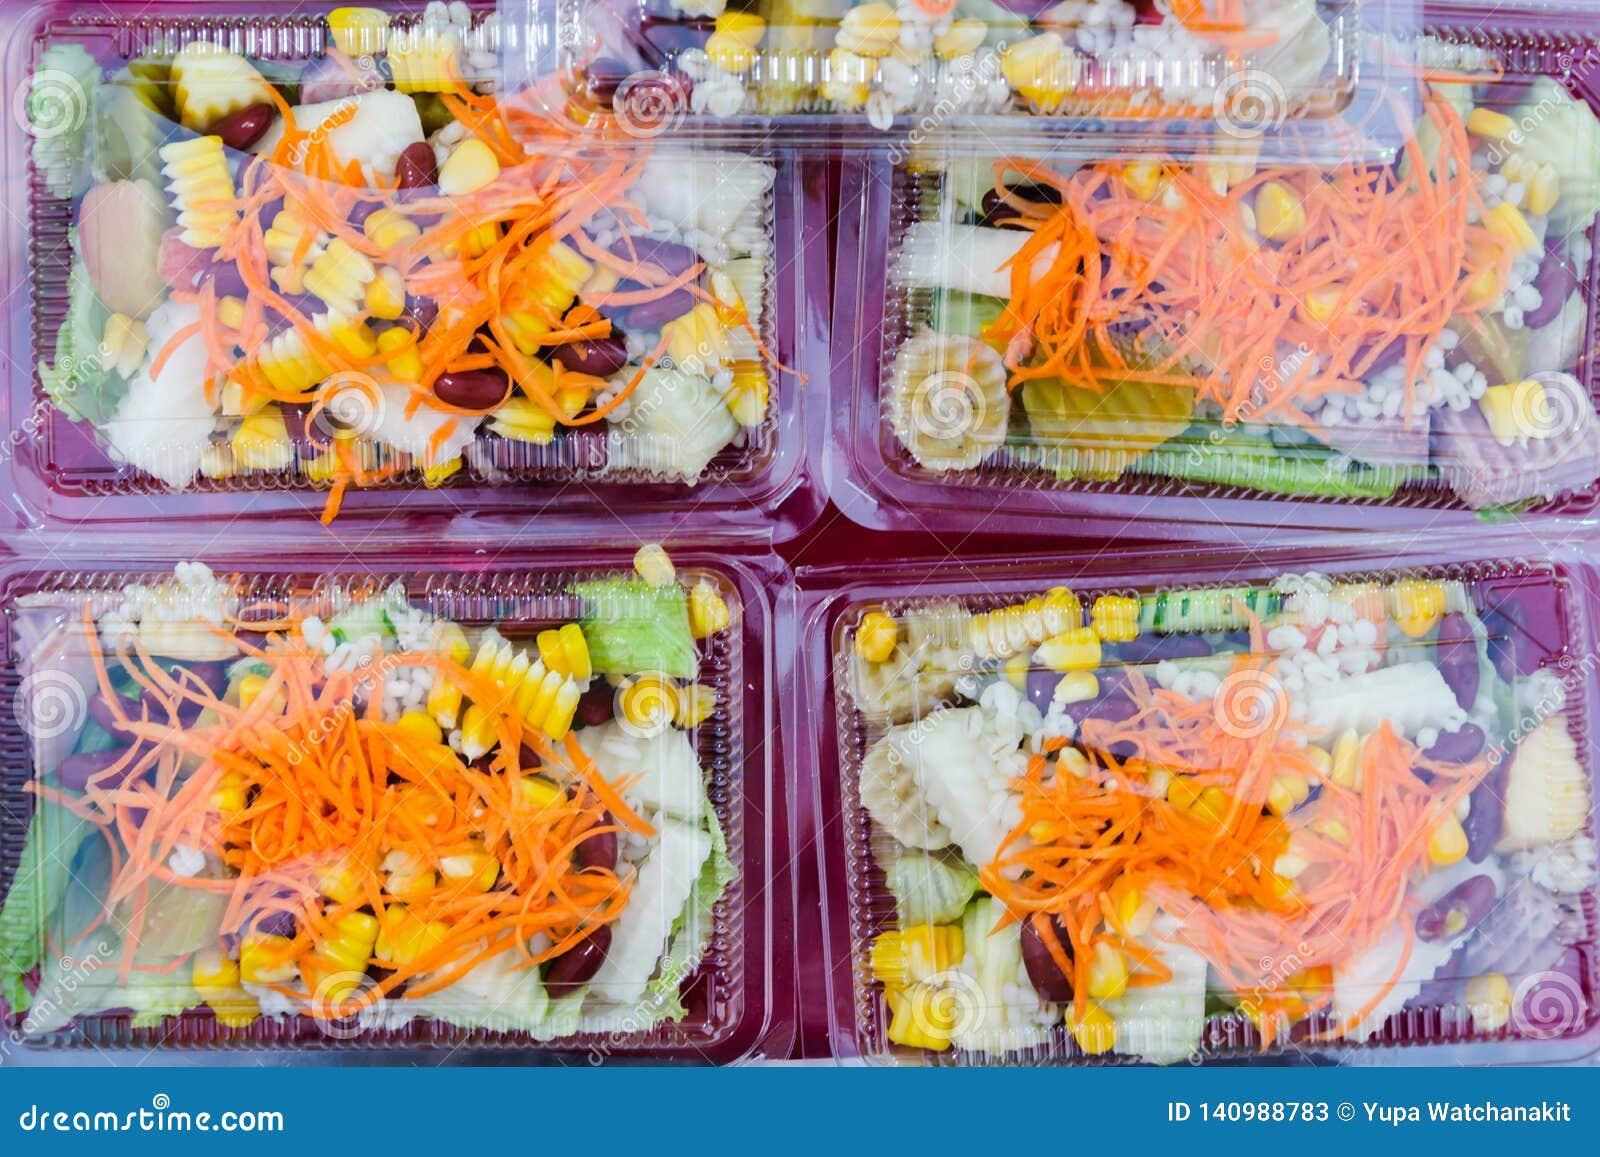 Фруктовый салат фрукта и овоща смешивания в пластиковом пакете